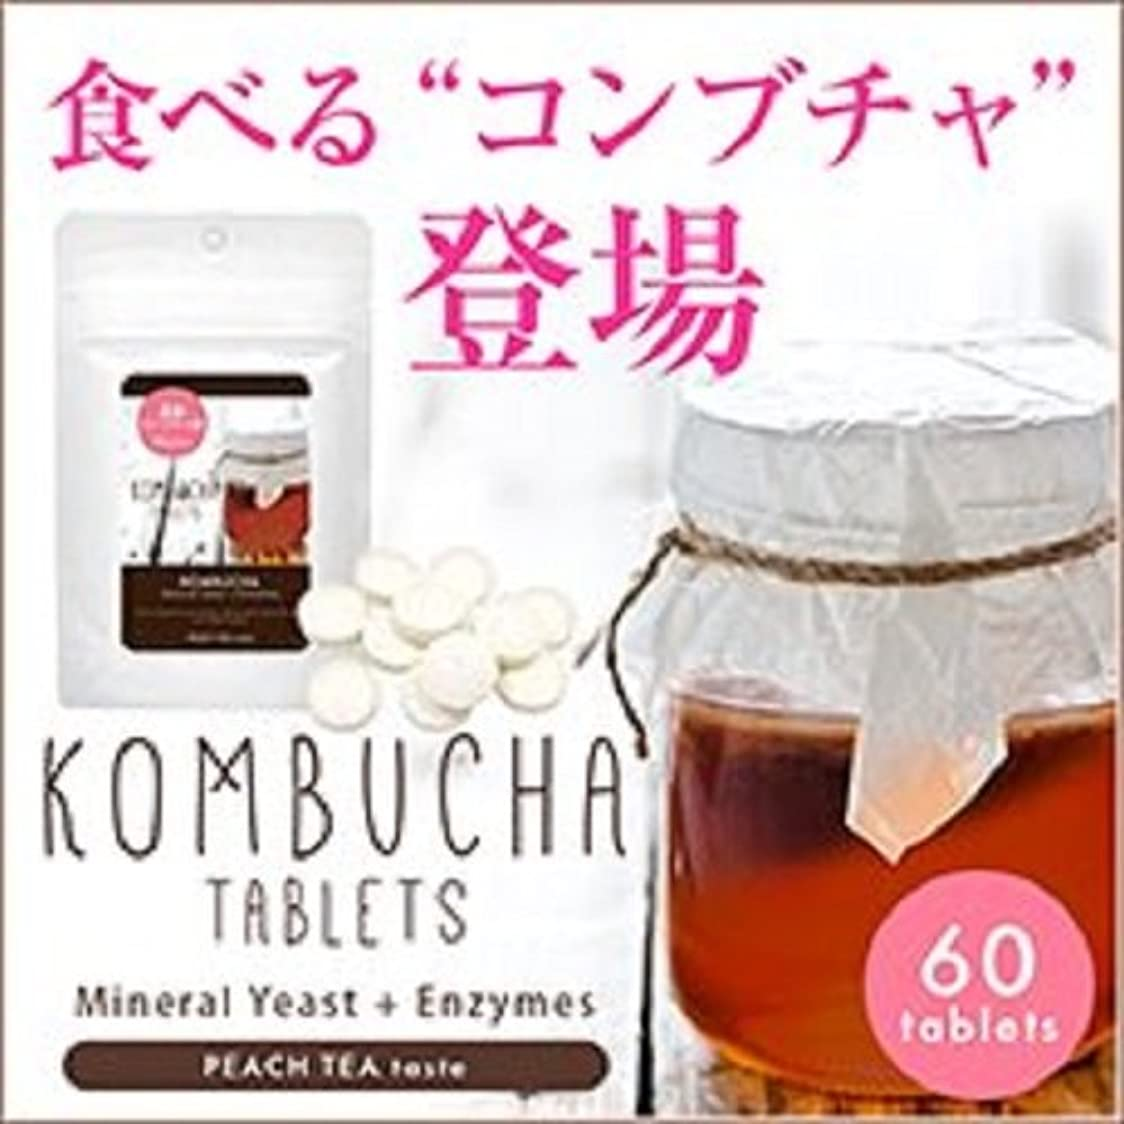 二度チキンモンスター濃縮KOMBUCHA粒 コンブチャ 2個セット コンブ茶